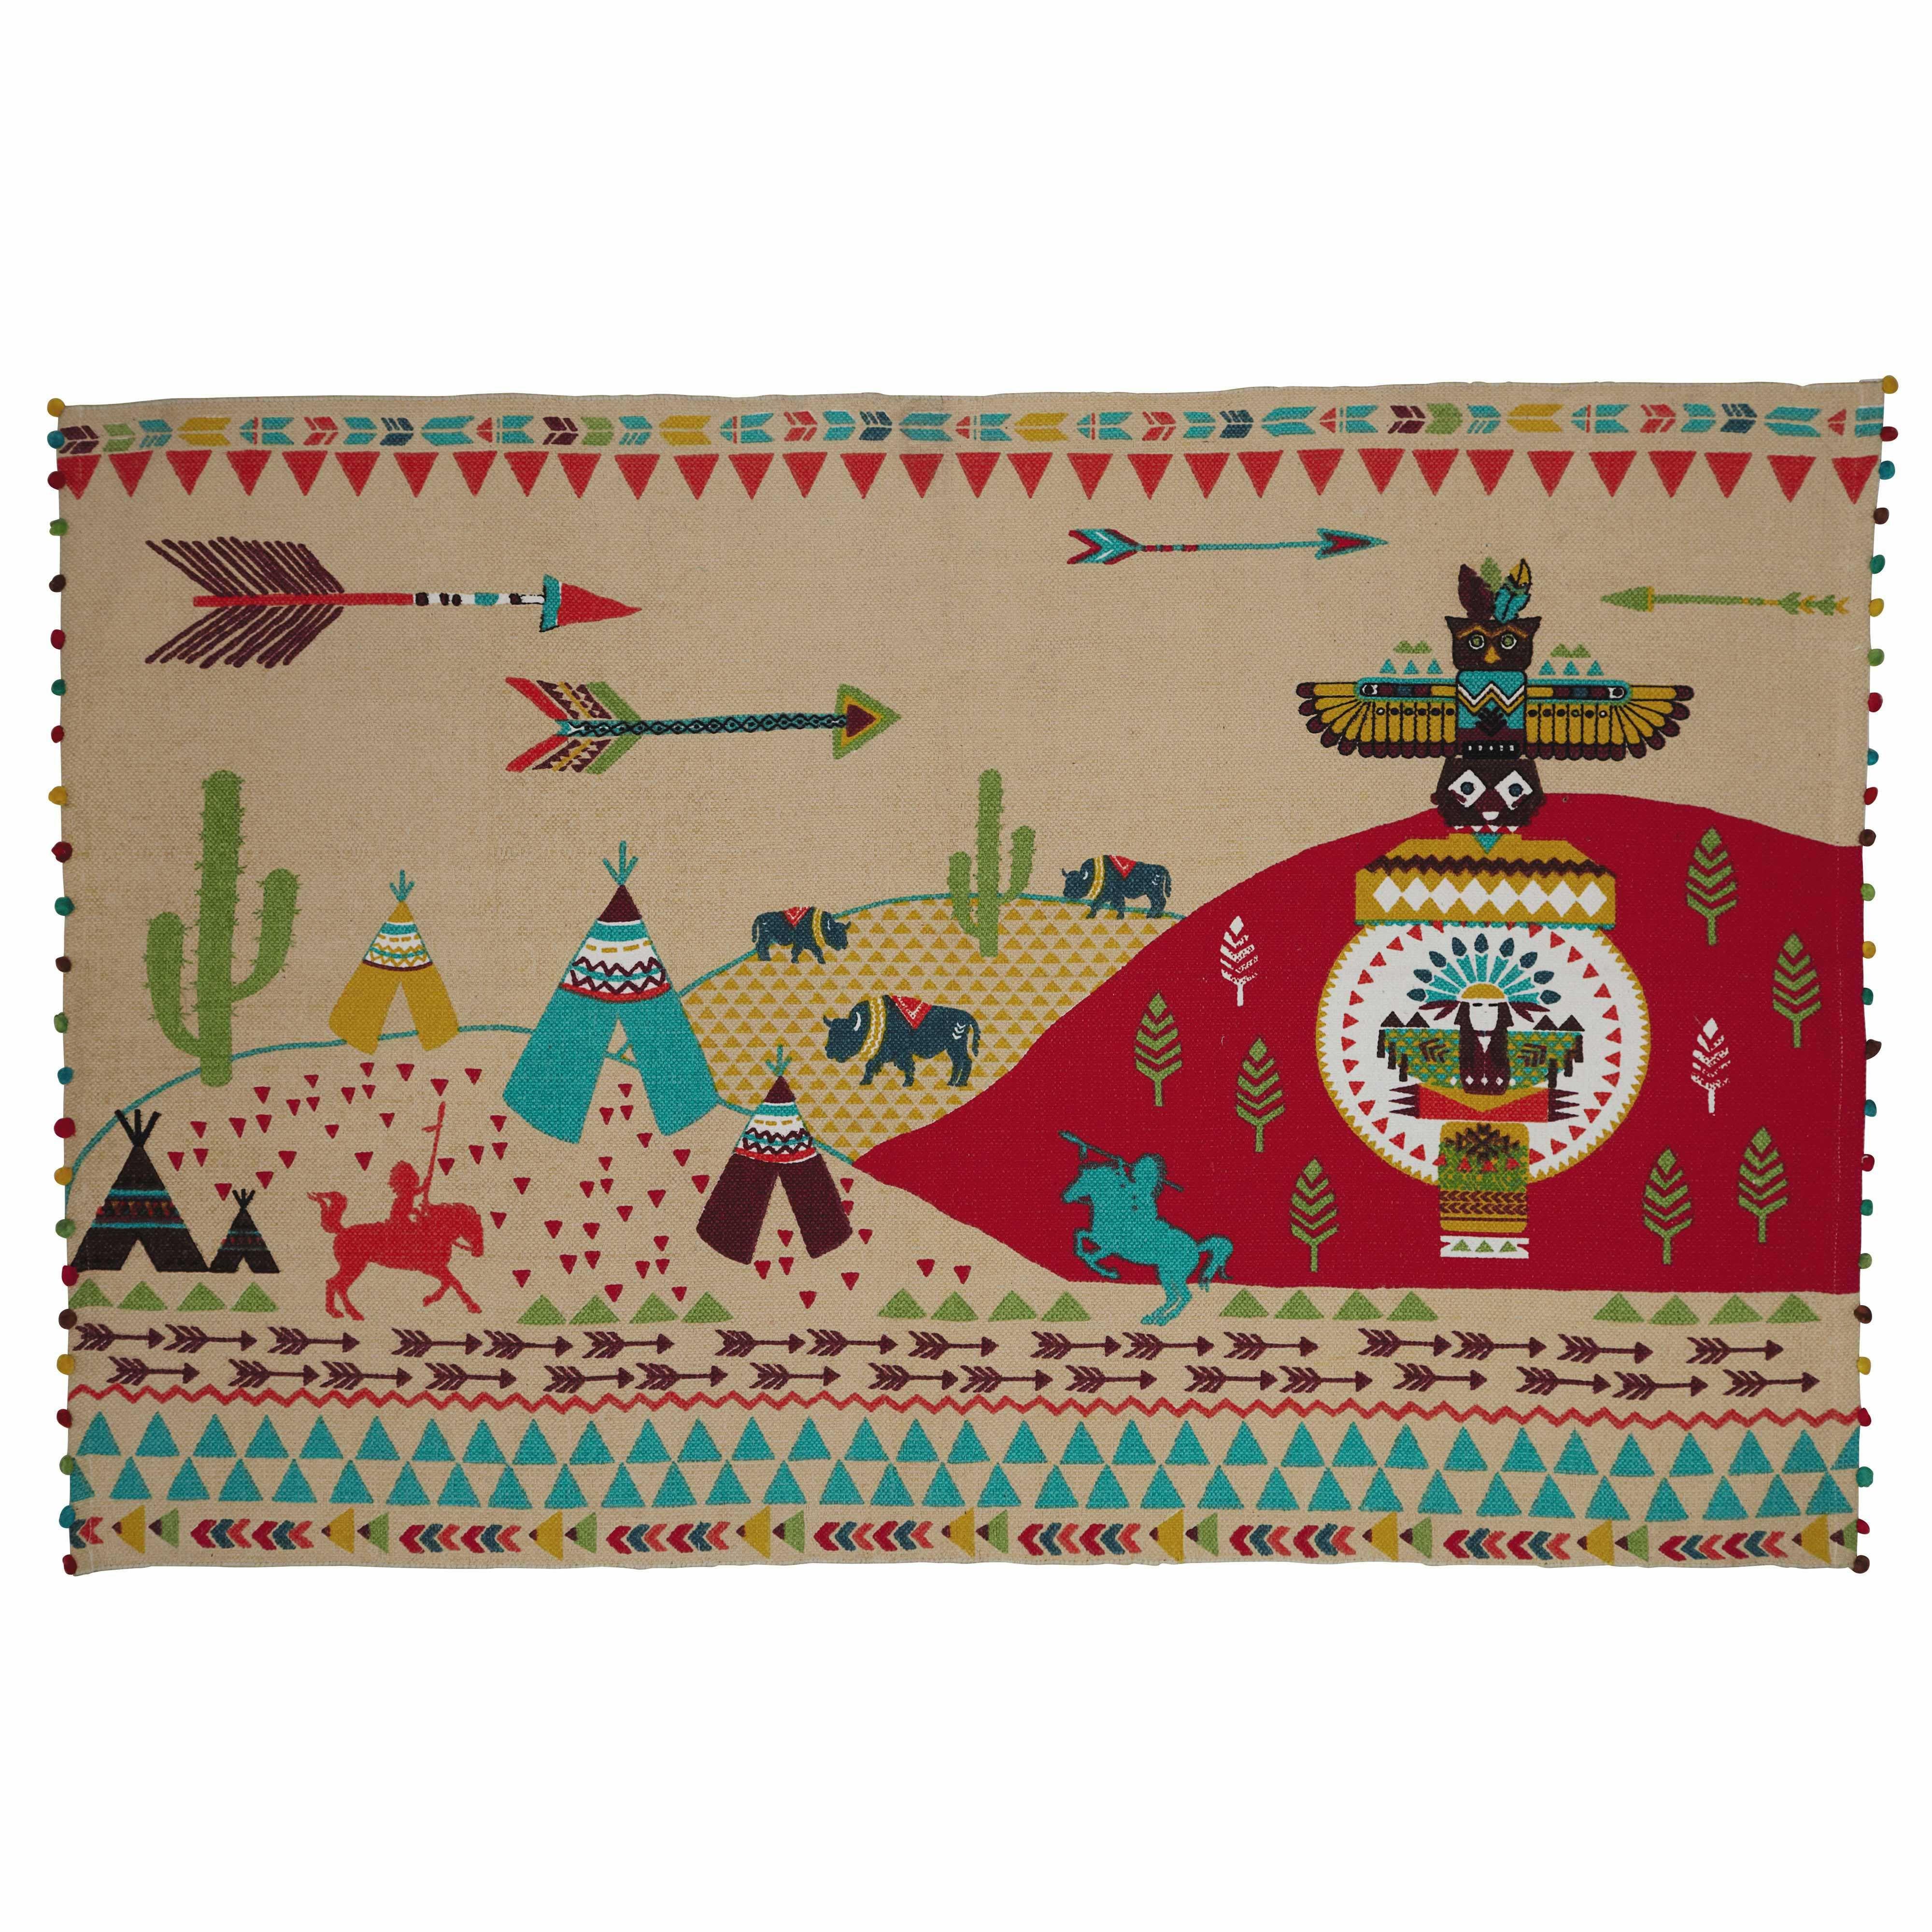 tapis enfant en coton multicolore 120 x 180 cm farwest maisons du monde tapis enfant tapis tapis coton